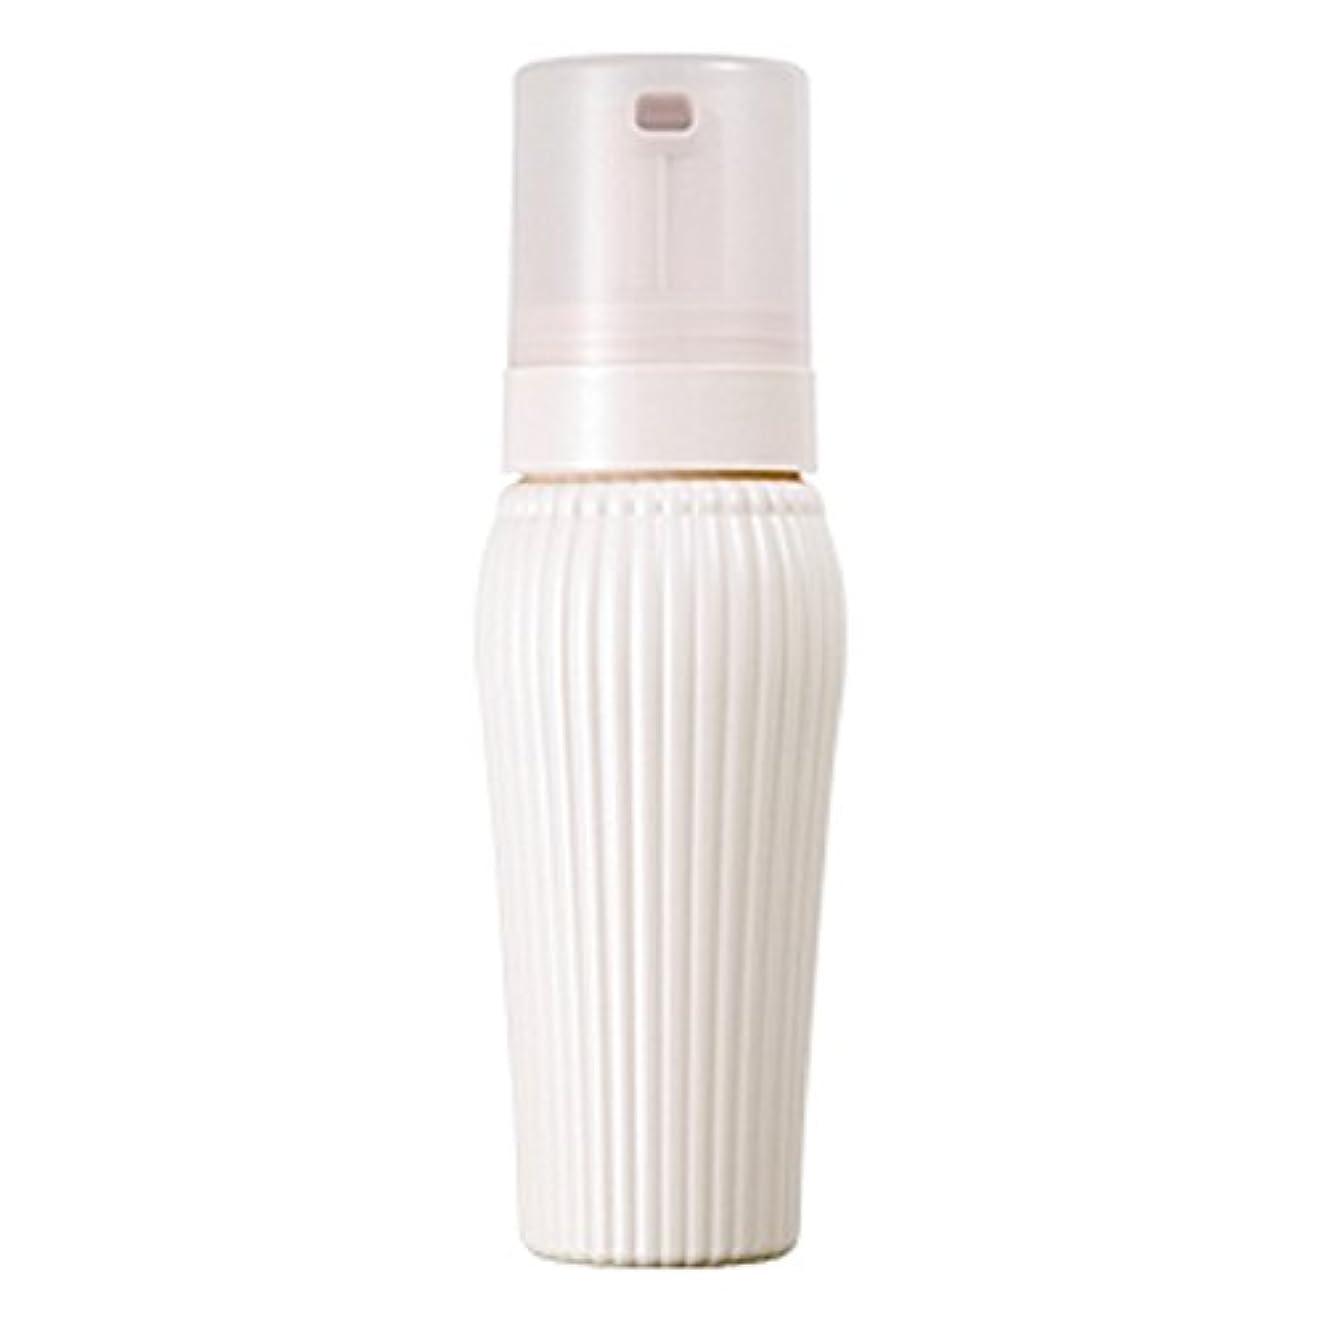 ボリューム外交インフルエンザアユーラ (AYURA) fサインディフェンス ムースクレンズ b (医薬部外品) 150mL 〈敏感肌用 洗顔料〉 ムース状 薬用洗顔